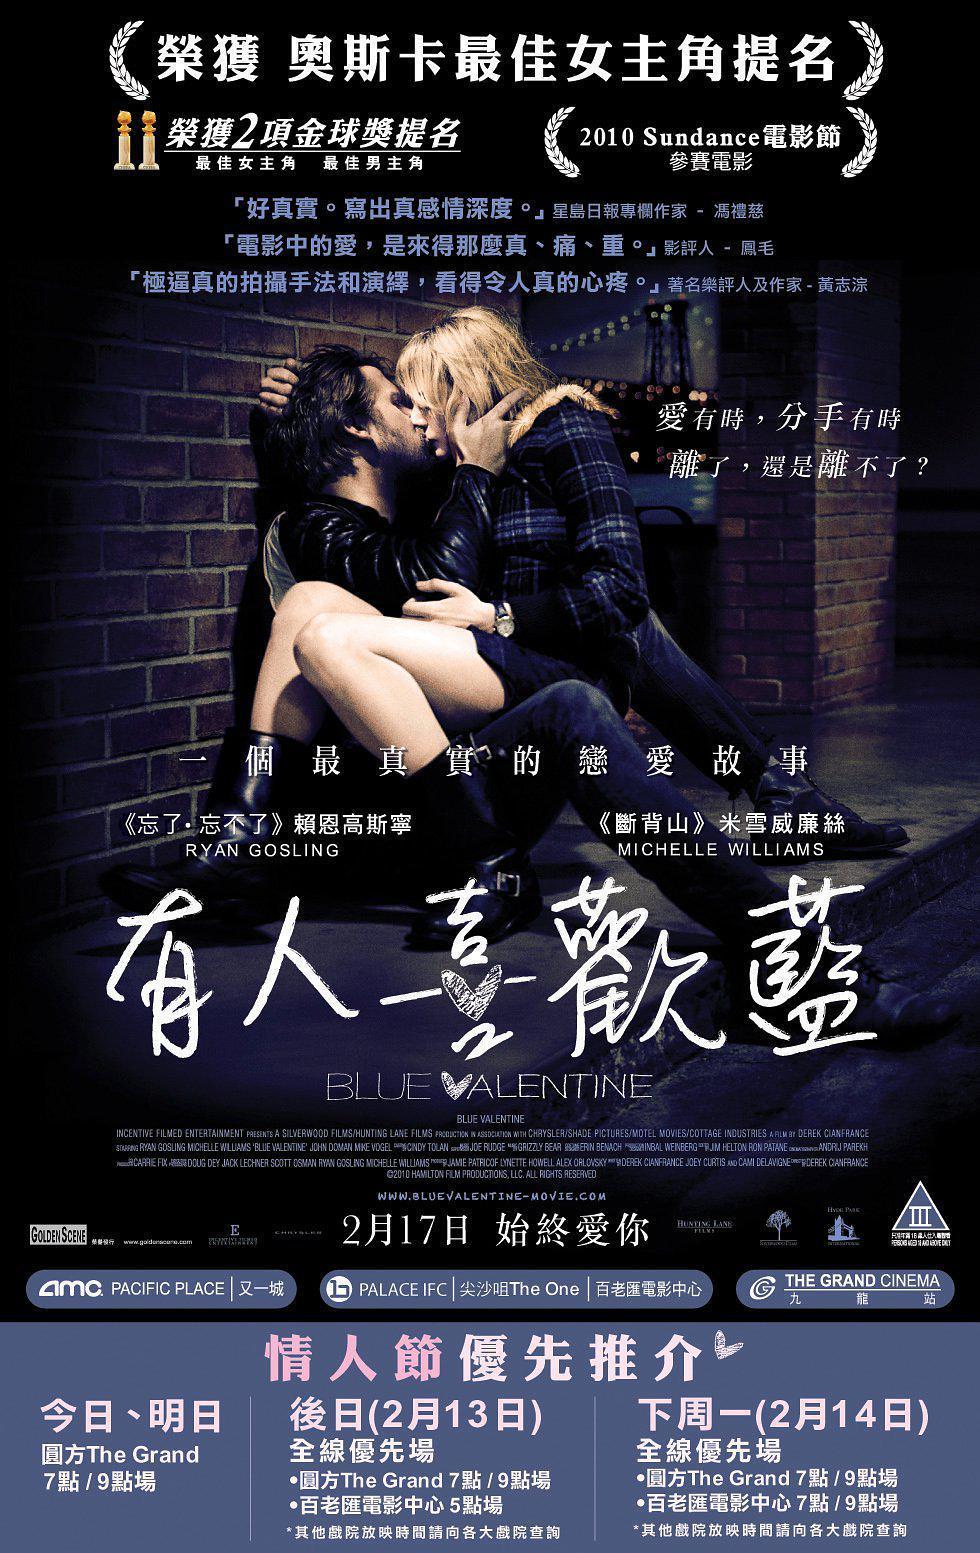 2010爱情剧情《蓝色情人节/有人喜欢蓝》BD1080P 高清迅雷下载